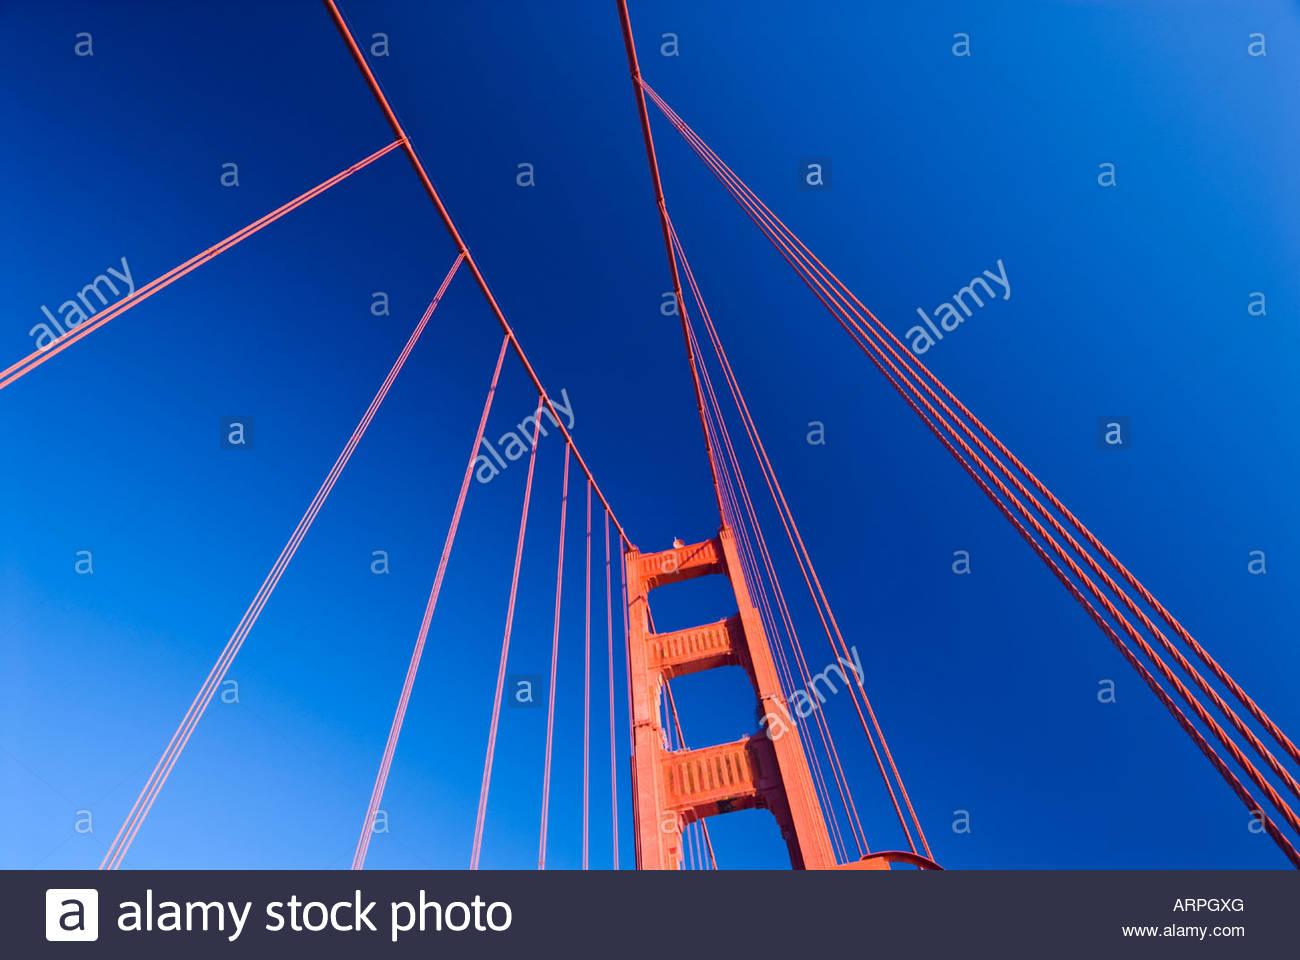 The Golden Gate Bridge, San Francisco, California, USA. - Stock Image